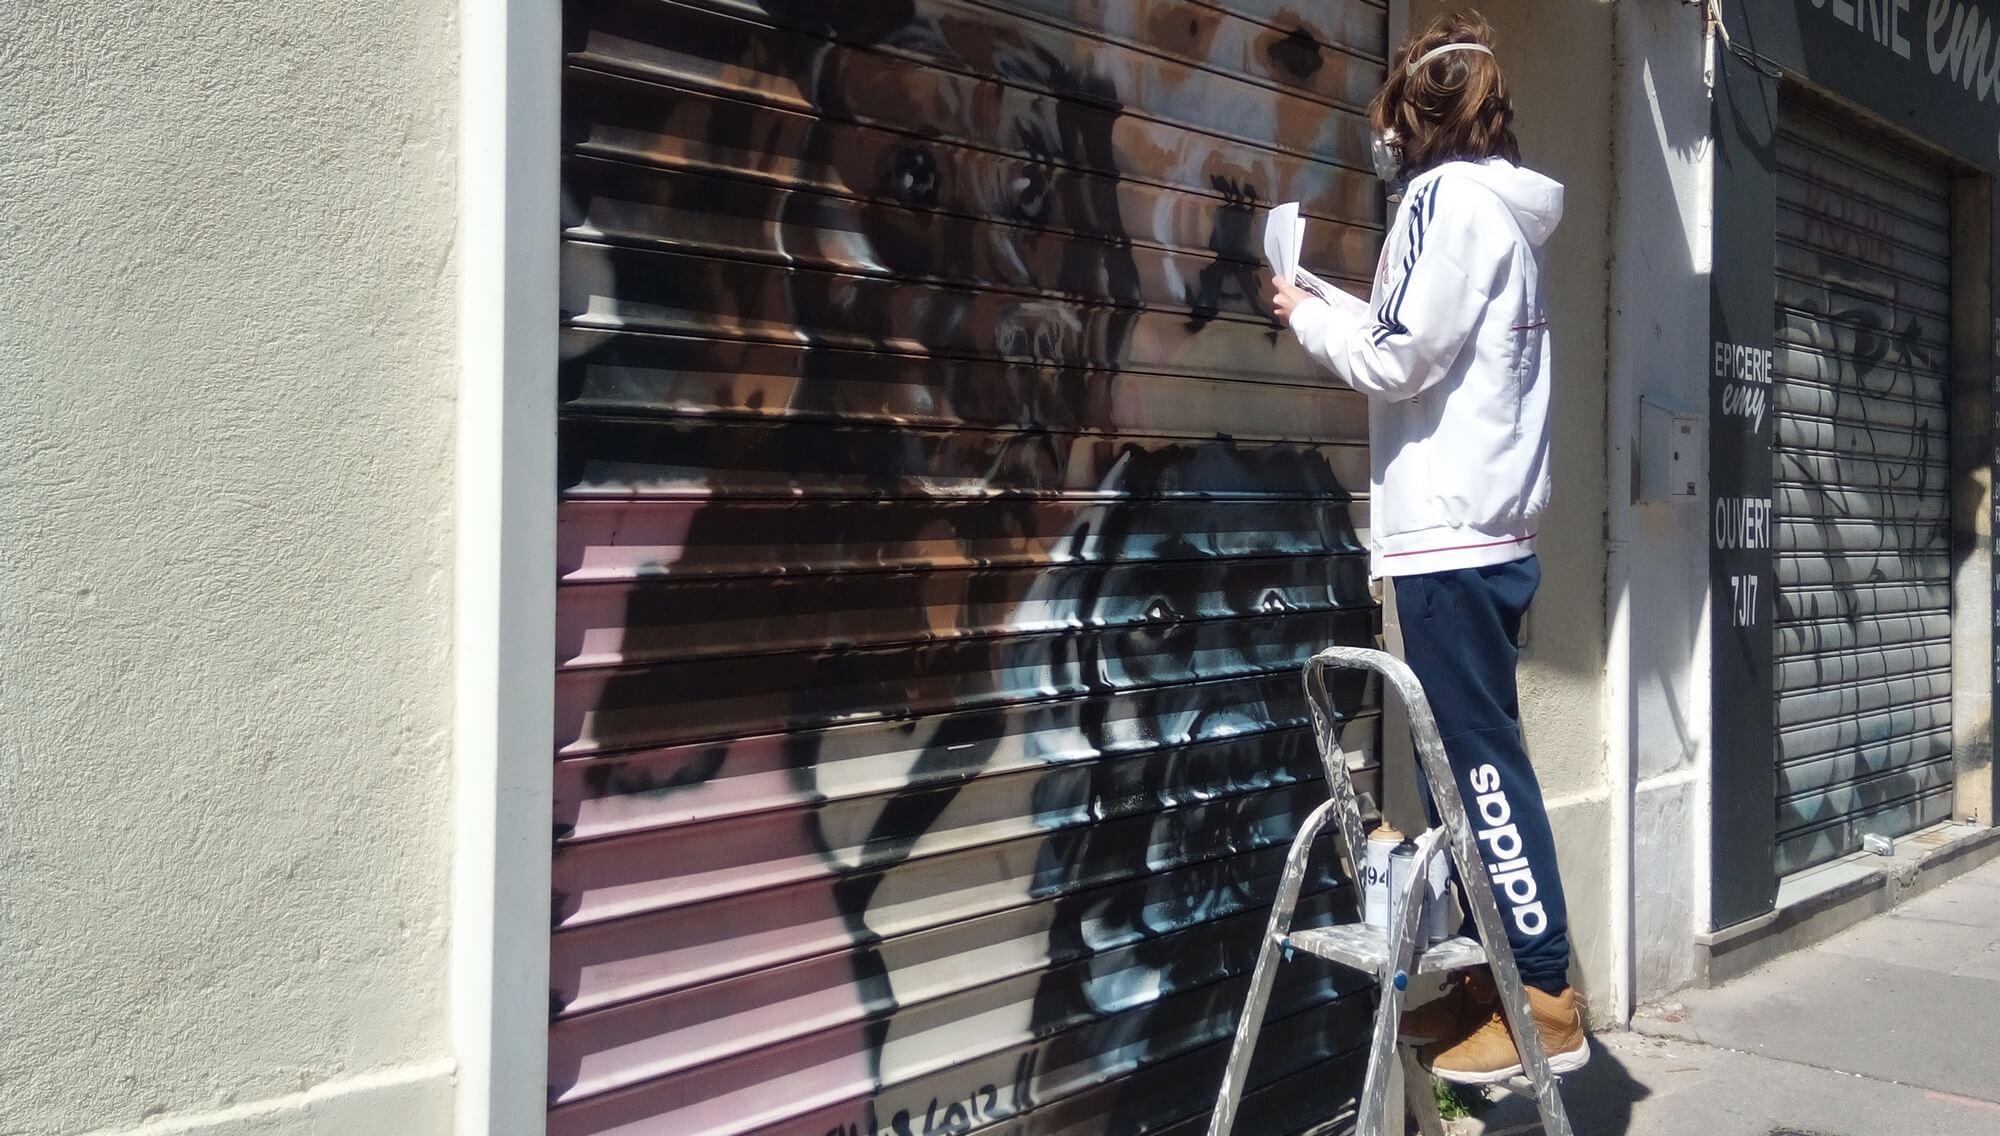 réalisation peinture sur rideau de fer, centre ville de Marseille